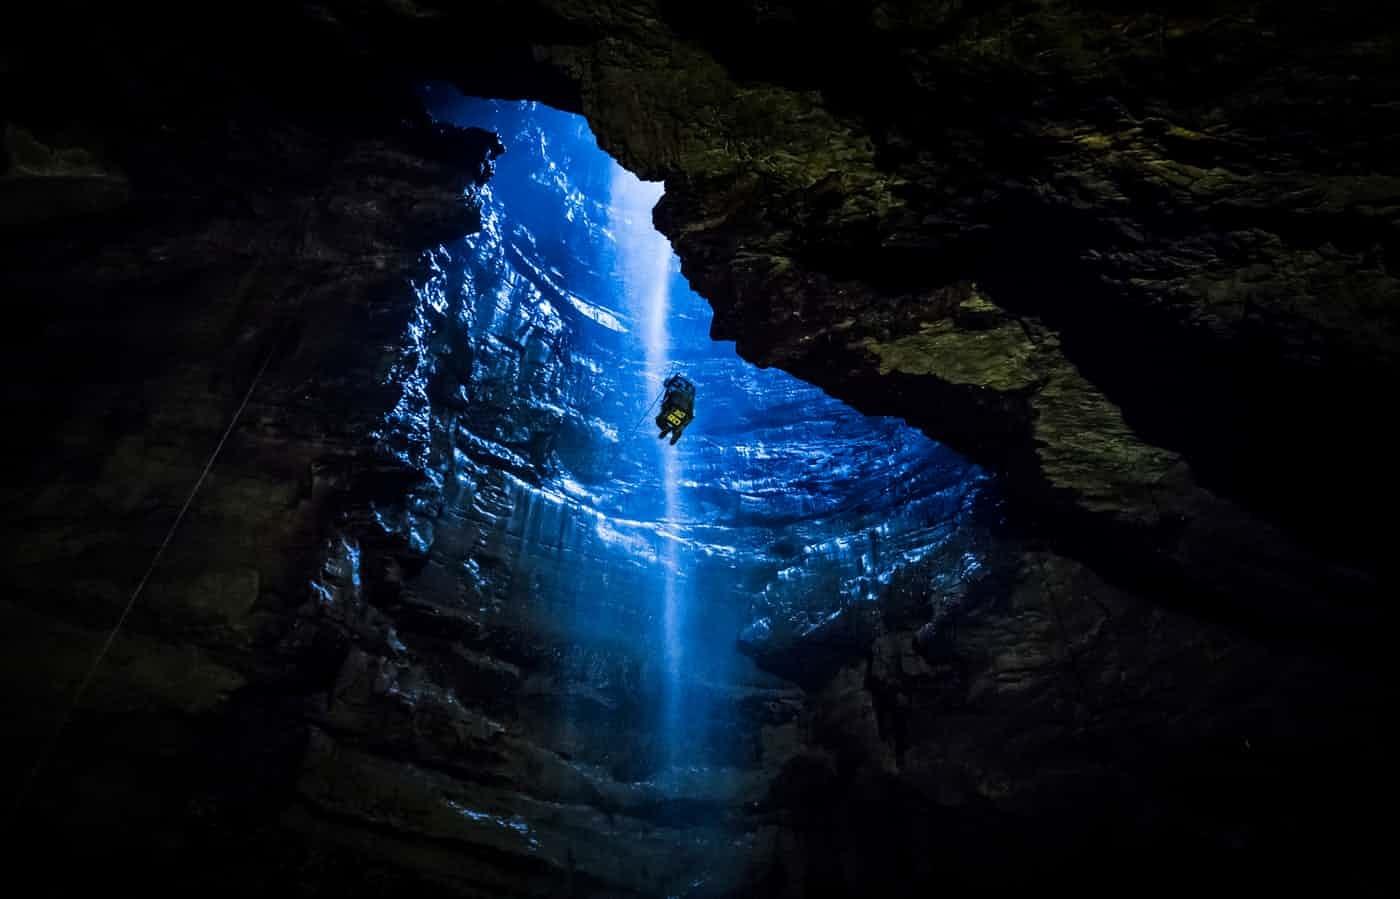 عکس روز: درون غار